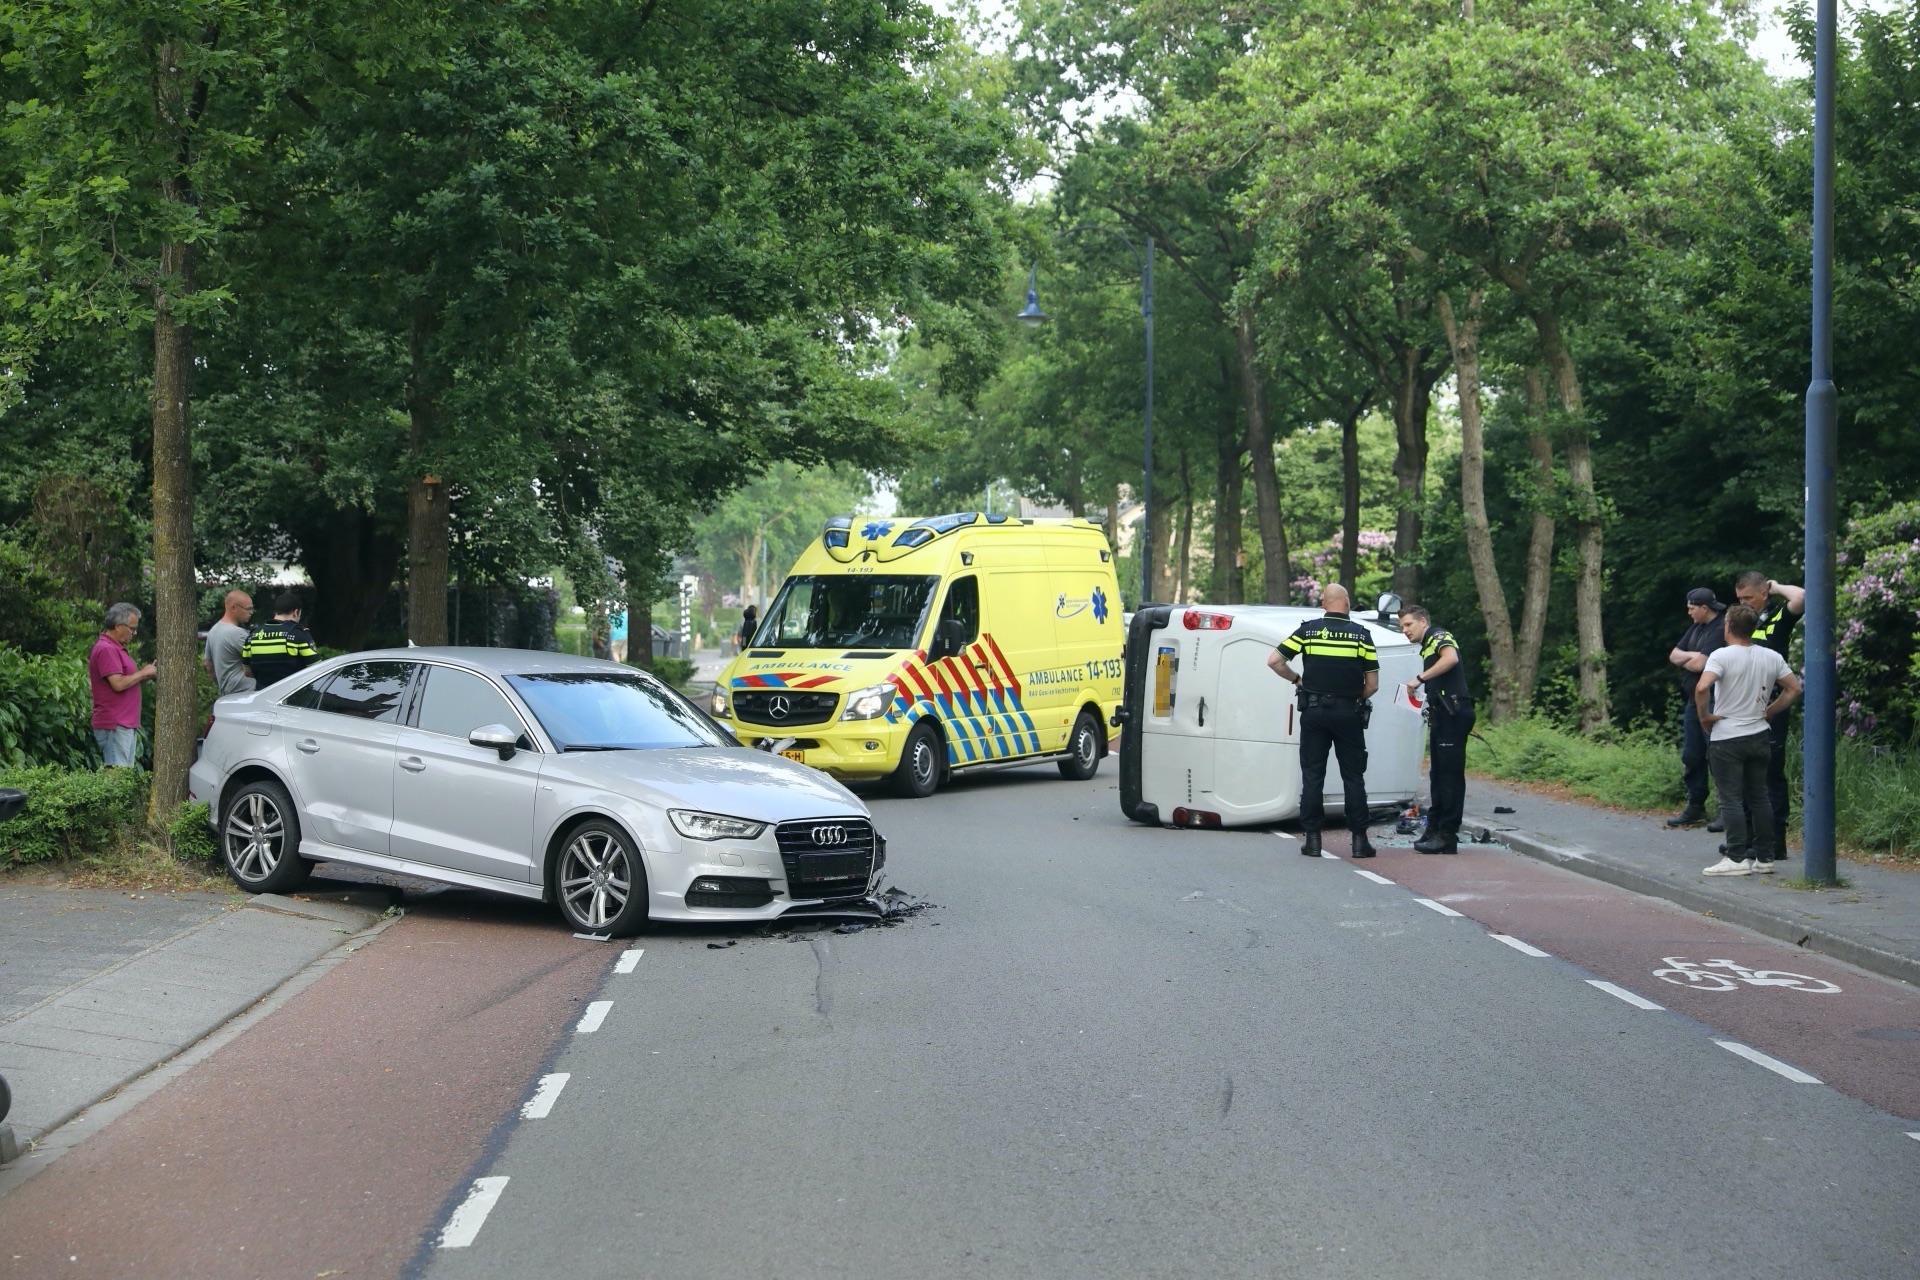 Busje op z'n kant bij ongeval in Eemnes, bestuurder opgepakt [update]